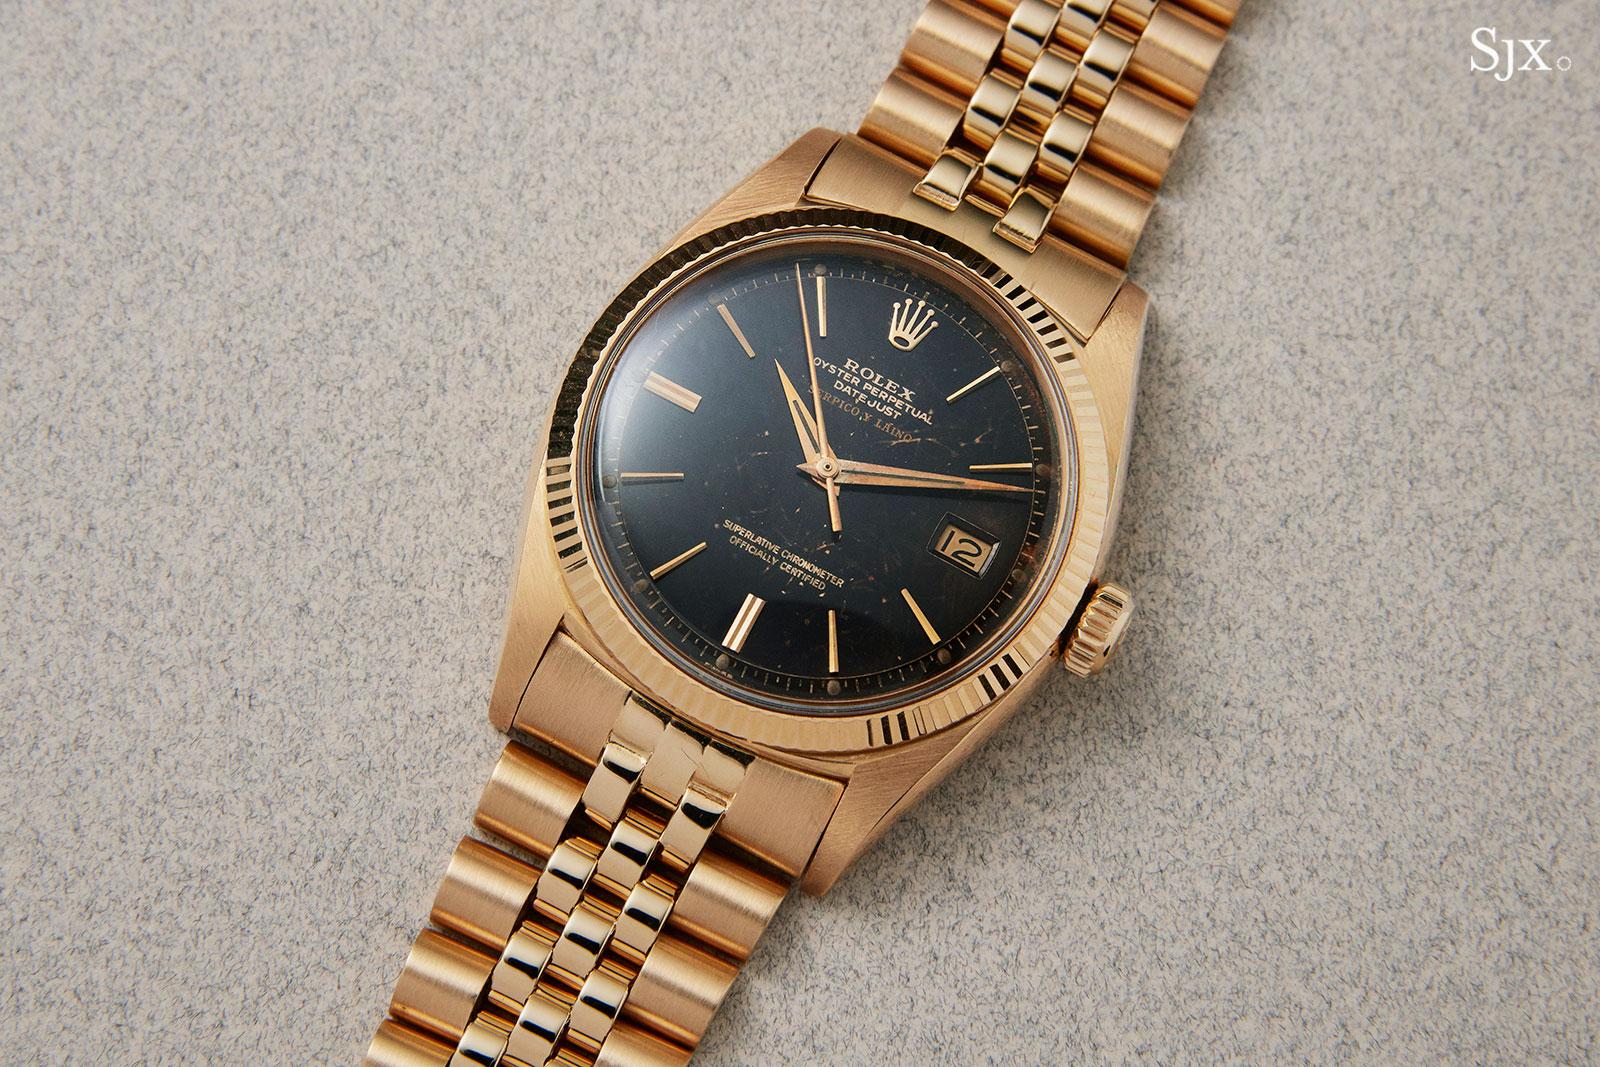 Rolex Datejust 6605 Serpico Laino 2